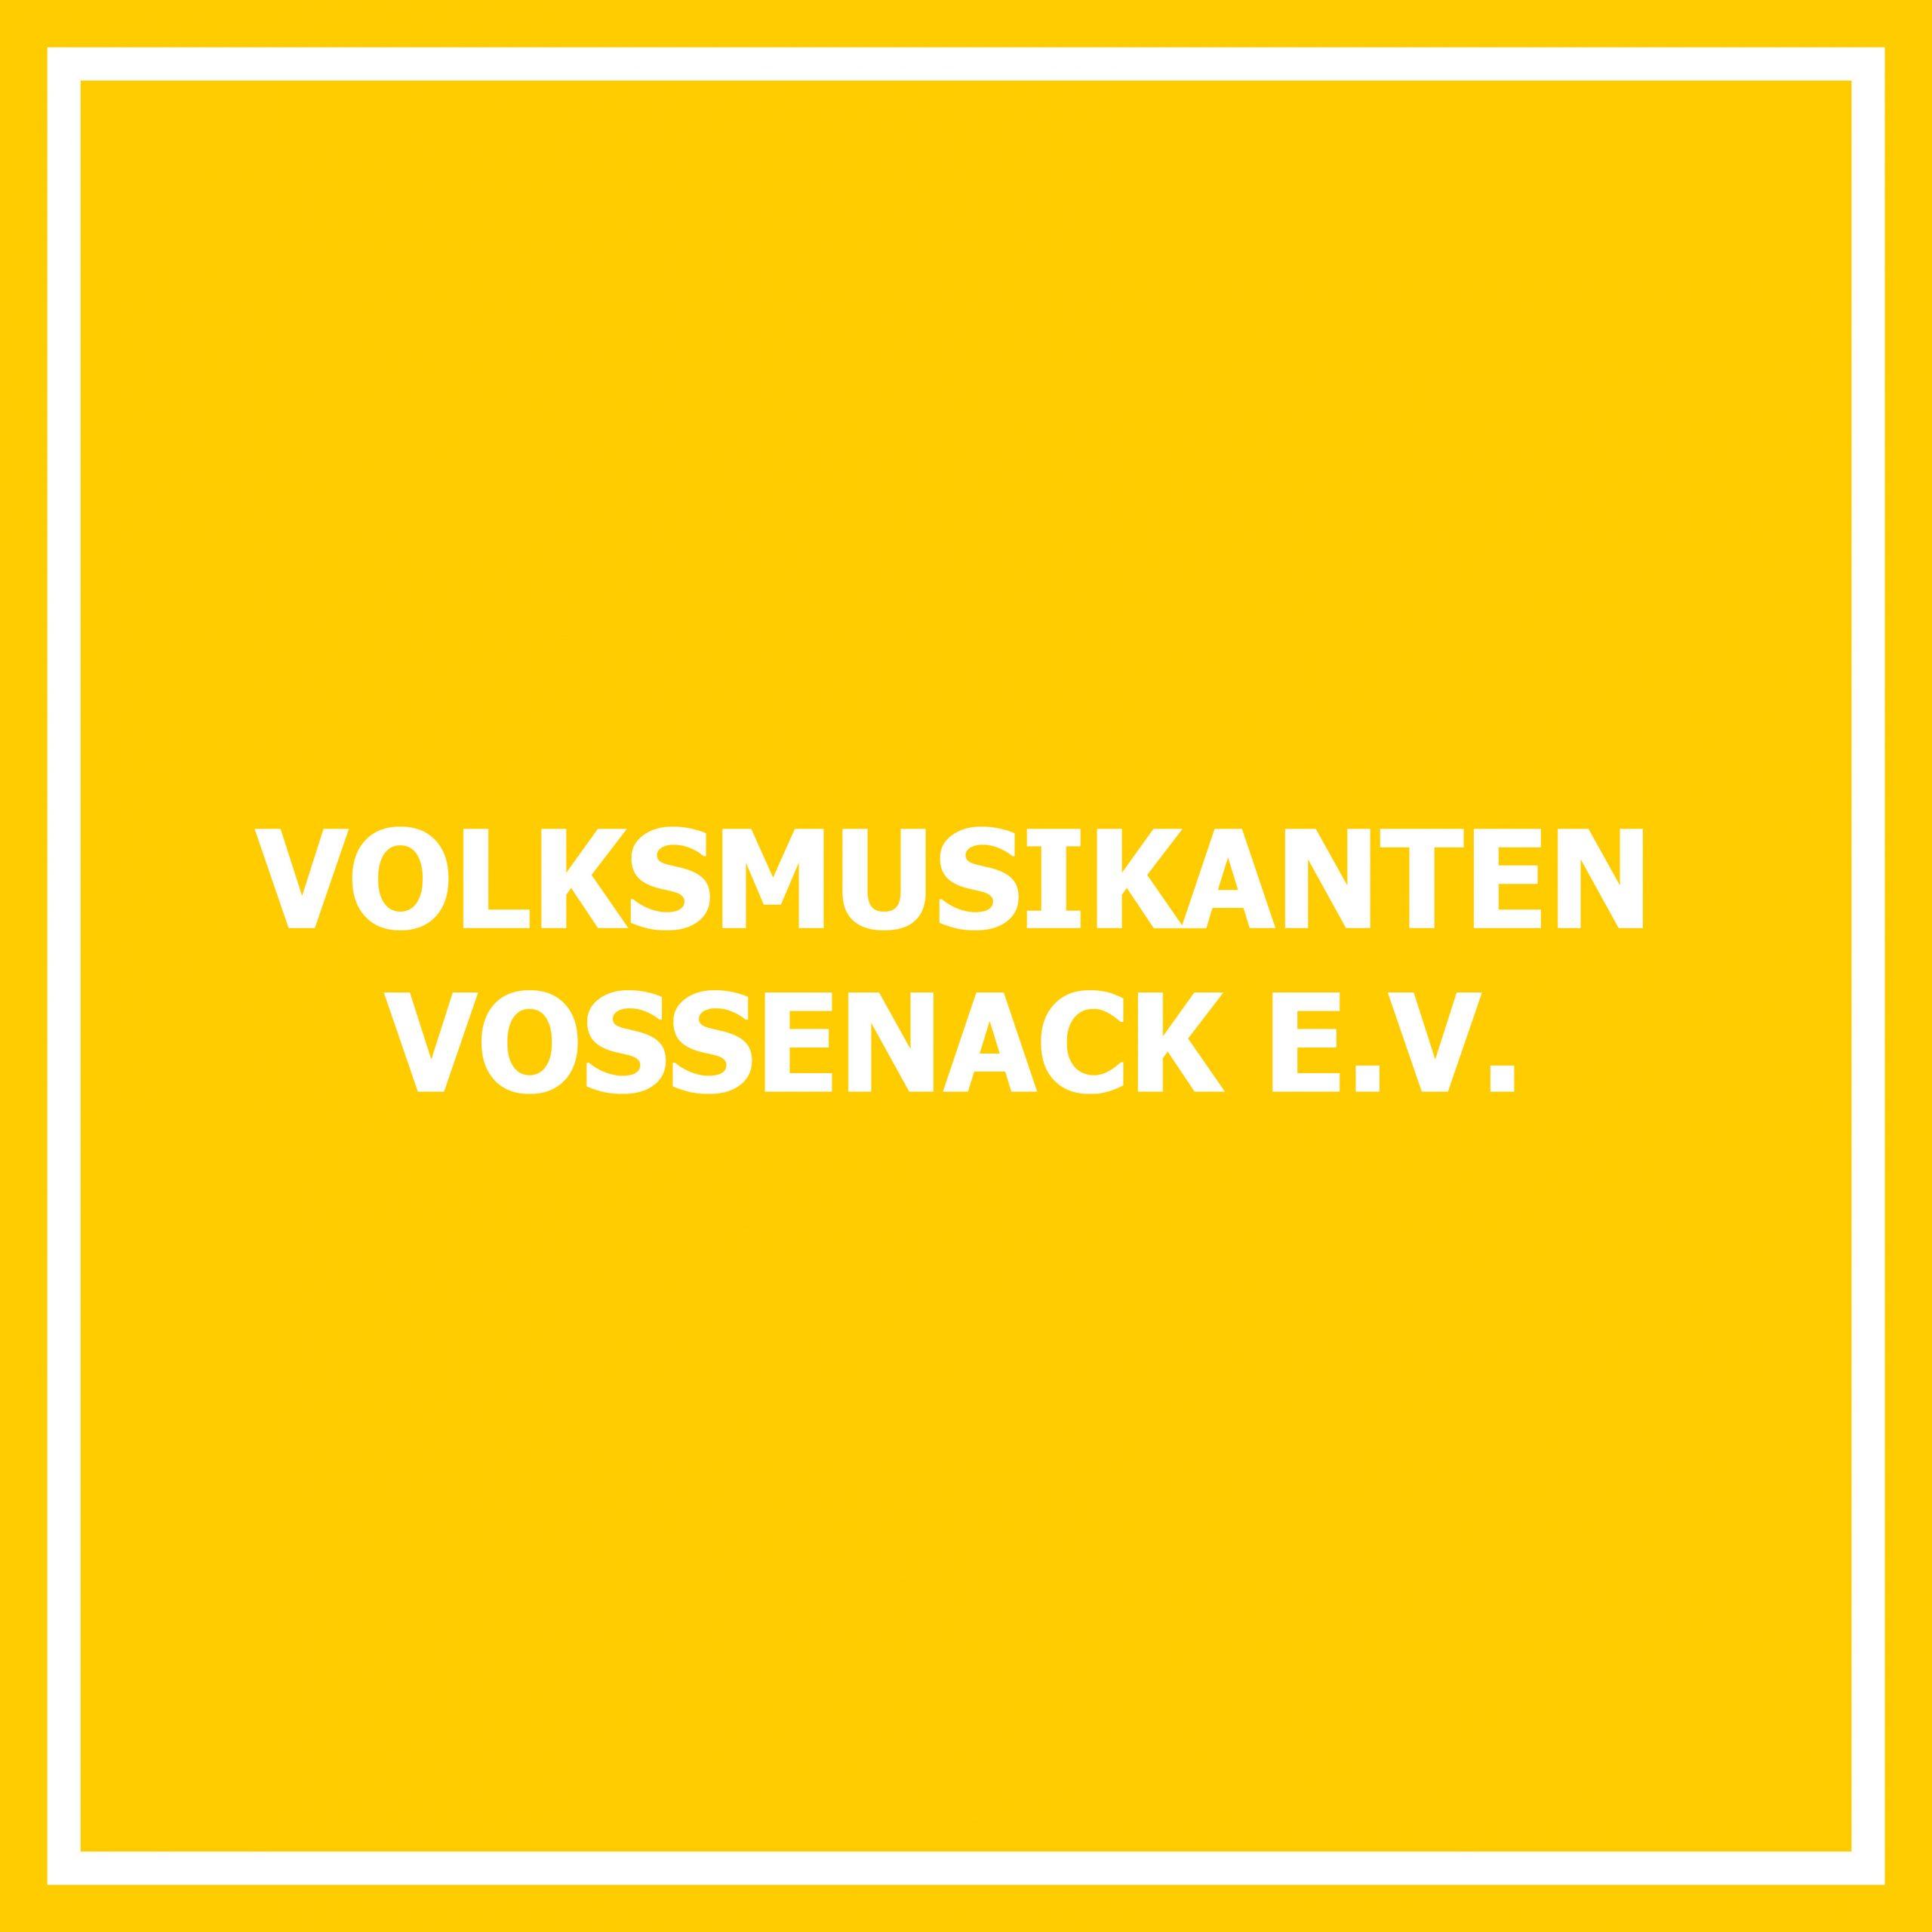 Volksmusikanten Vossenack e. V.